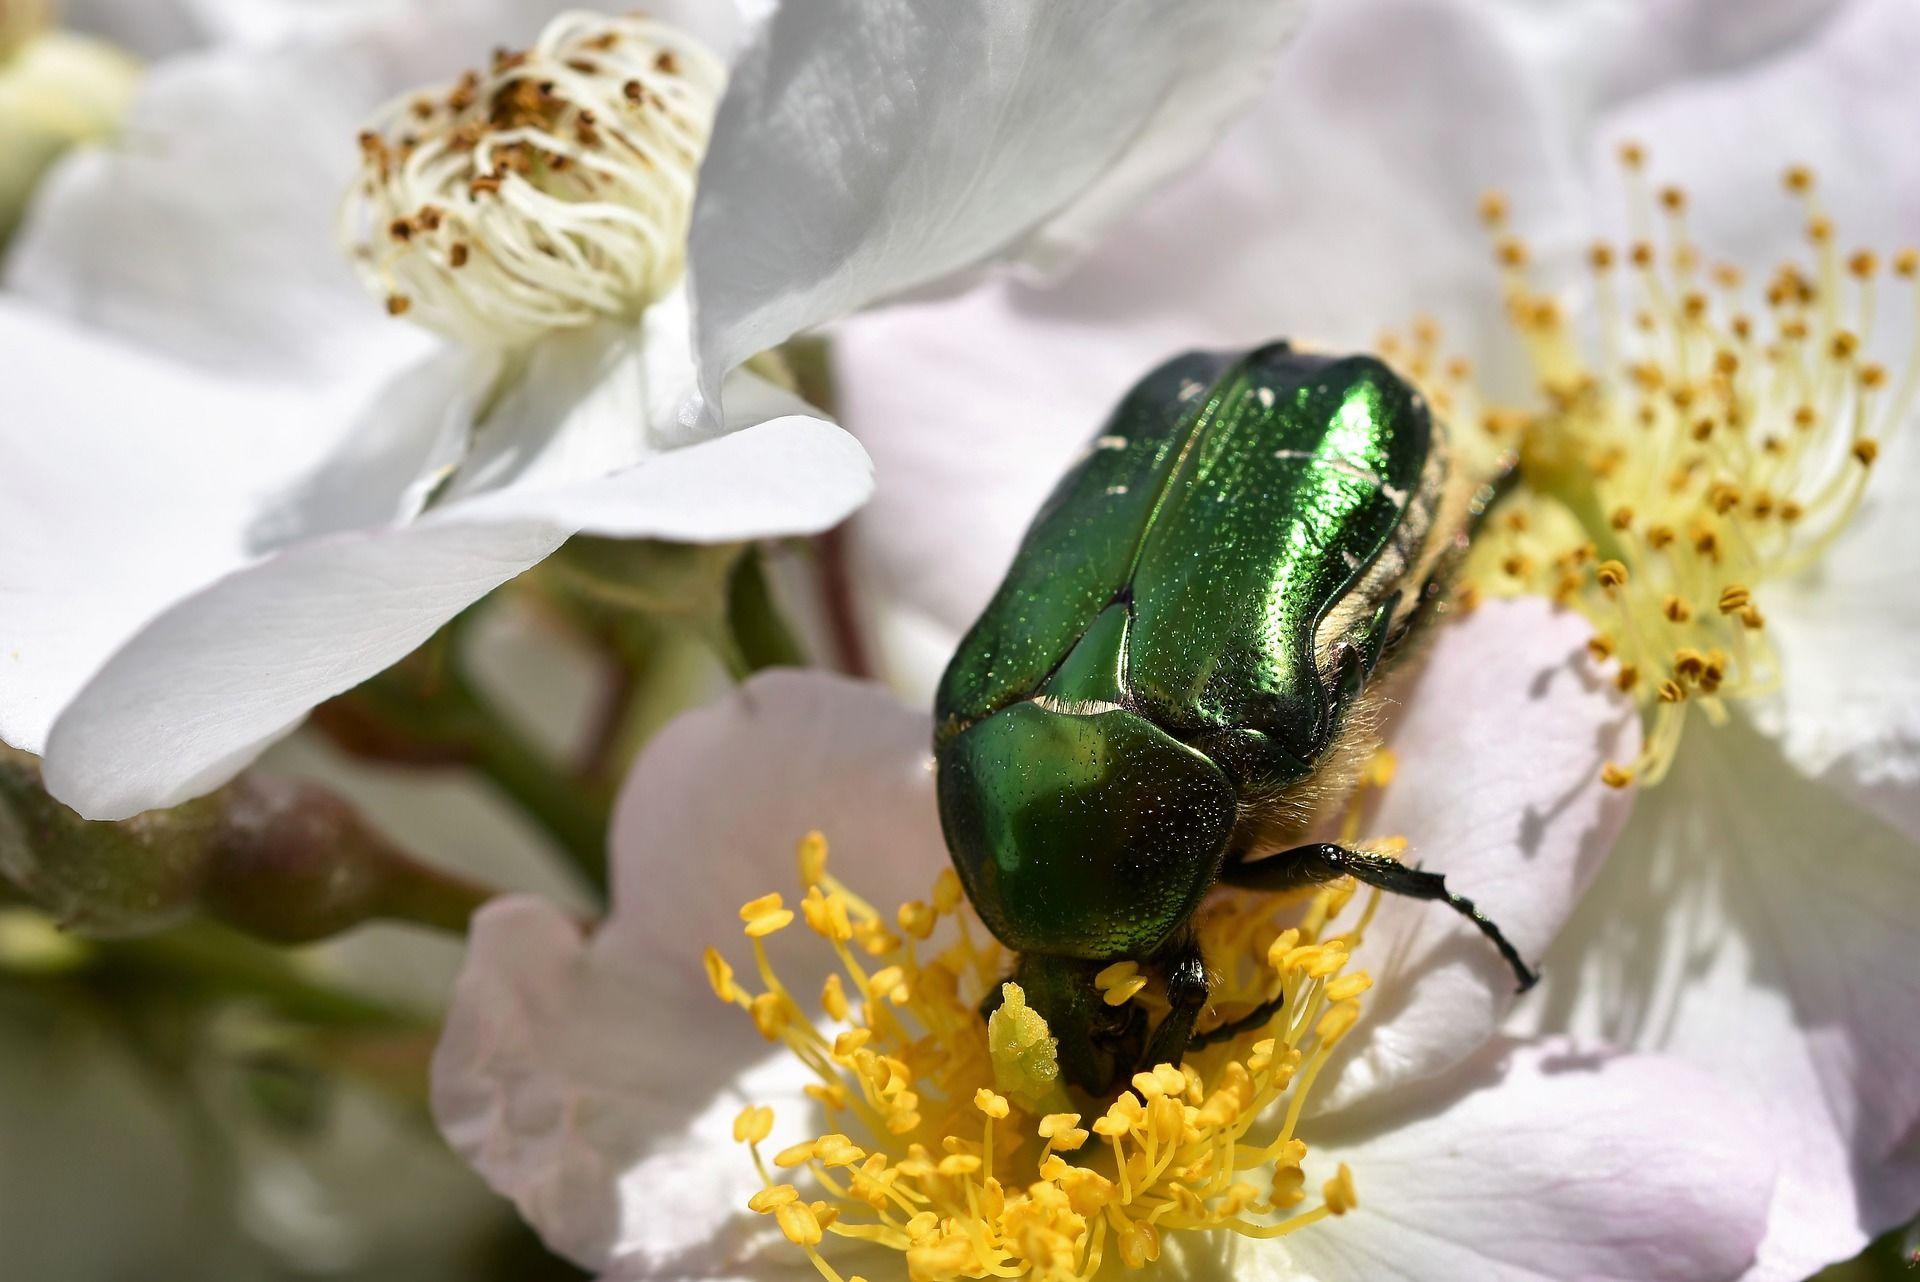 Скачать лучшее фото жука крупным планом